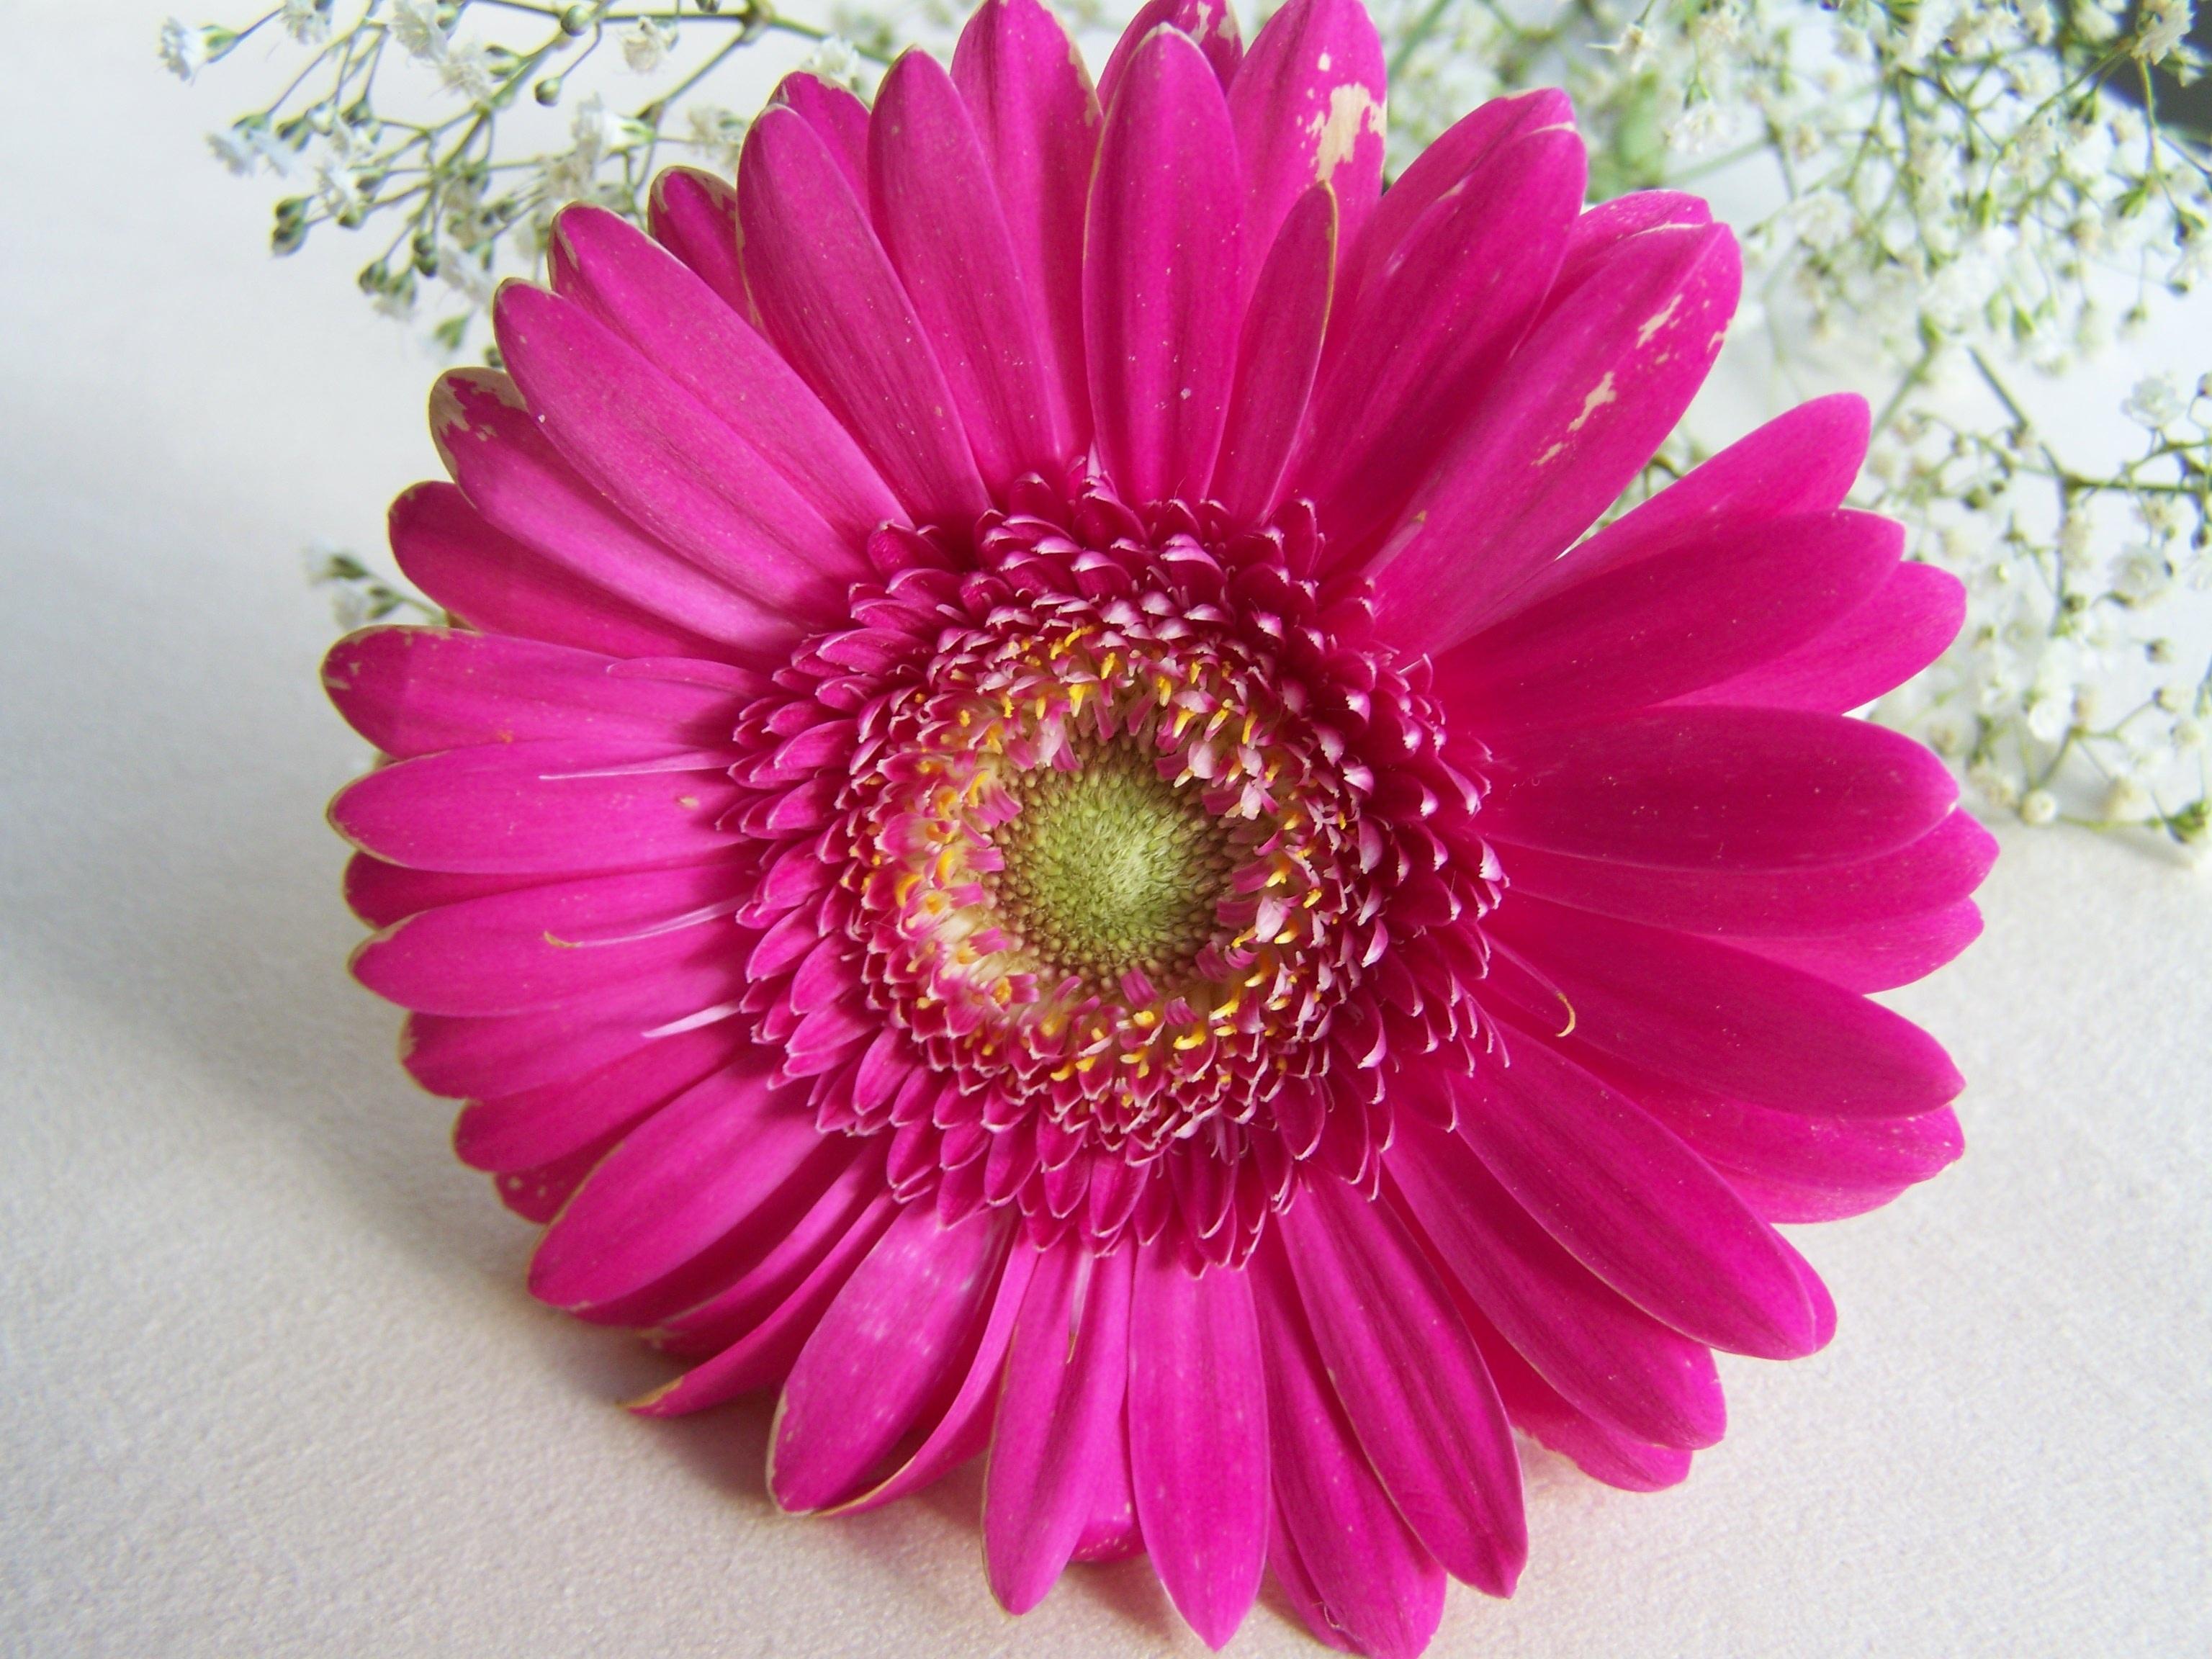 Banco de imagens plantar flor p tala rosa flor de - Cortar hierba alta ...